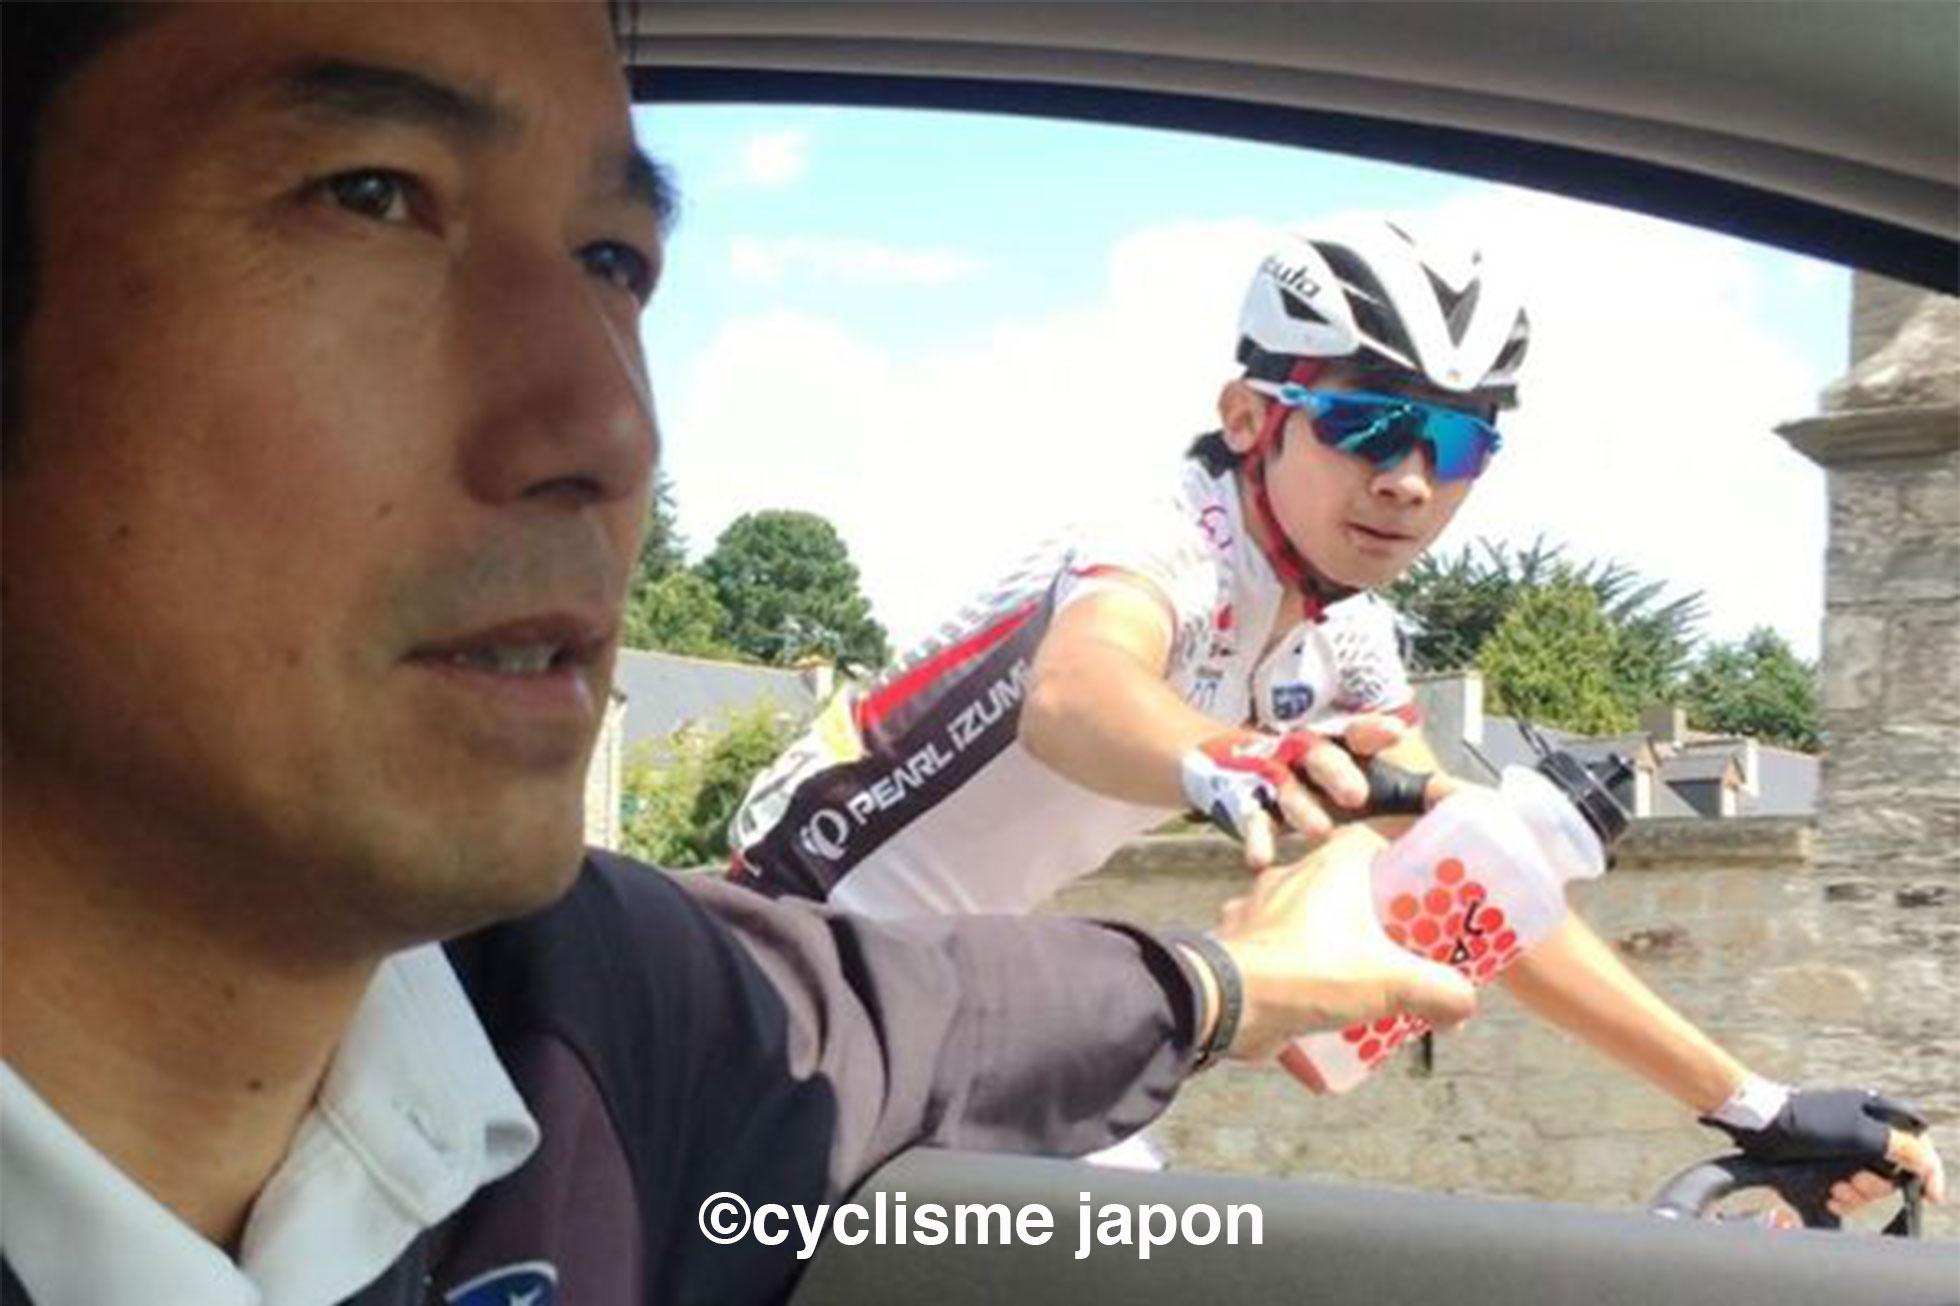 ロード日本ナショナルチーム監督の浅田顕